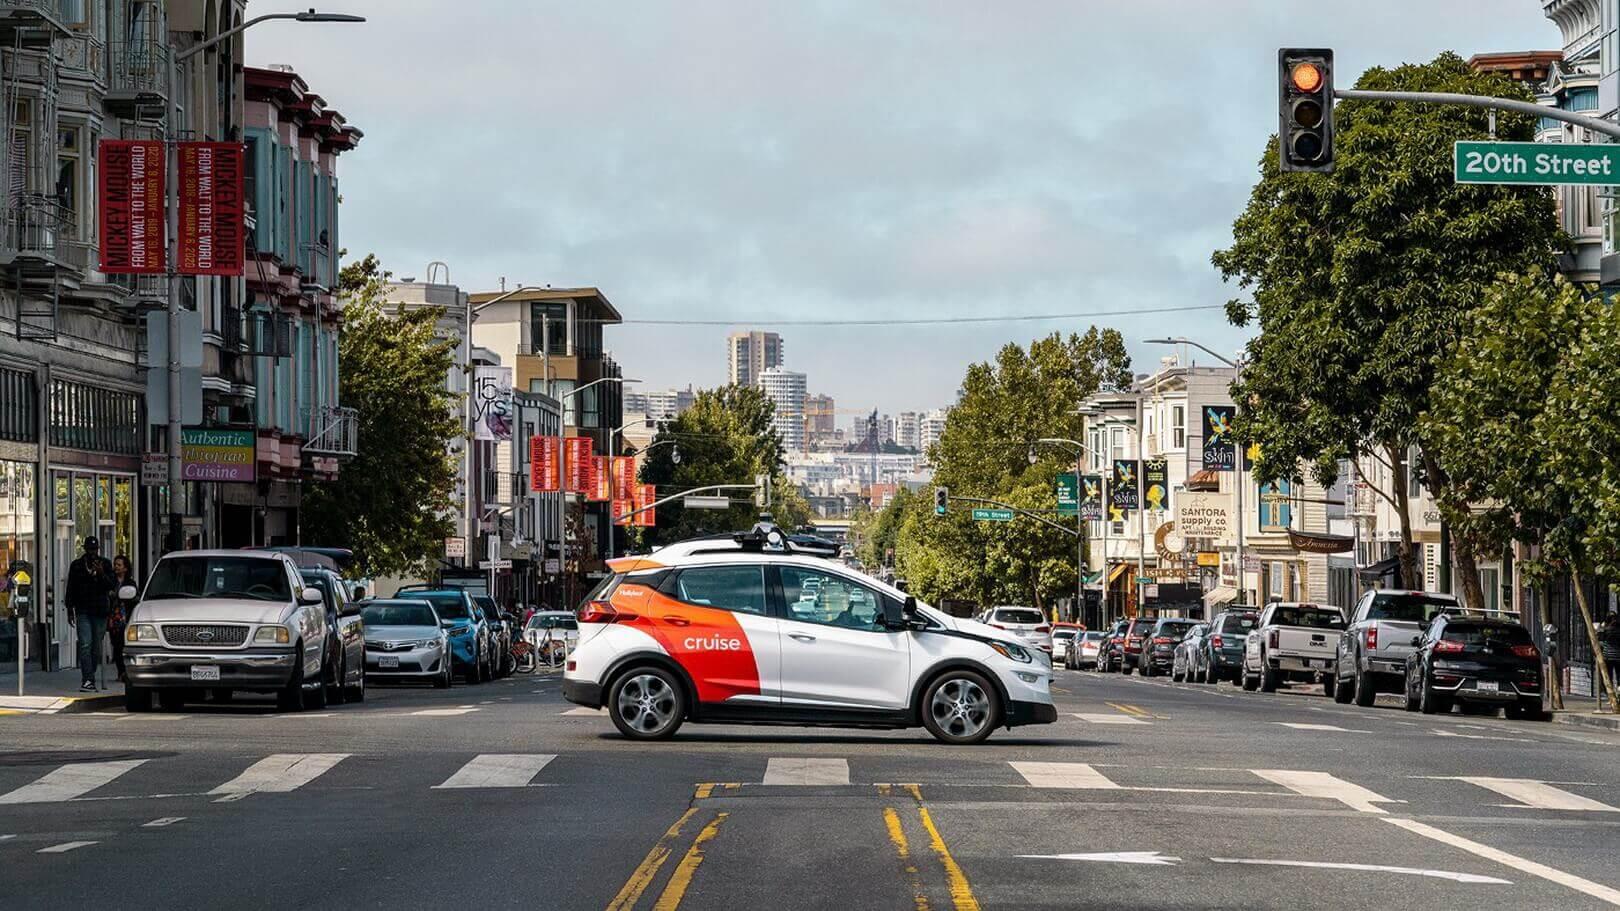 Полностью автономный электрический автомобиль без рулевого колеса и педалей Cruise на базе Chevrolet Bolt на улицах Сан-Франциско